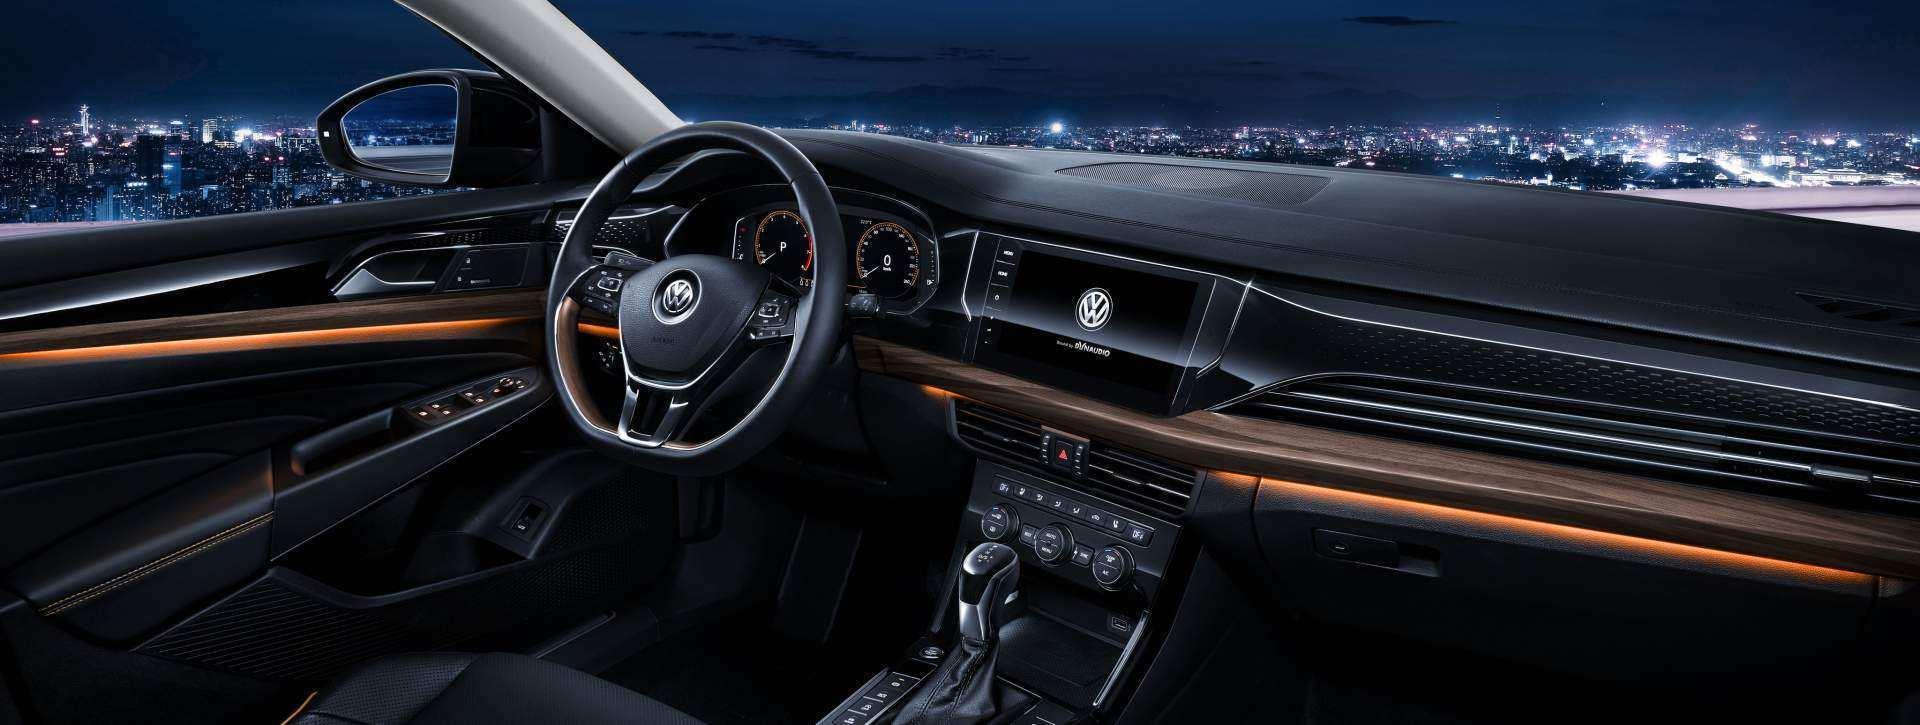 71 New 2019 Volkswagen Passat Specs Redesign by 2019 Volkswagen Passat Specs